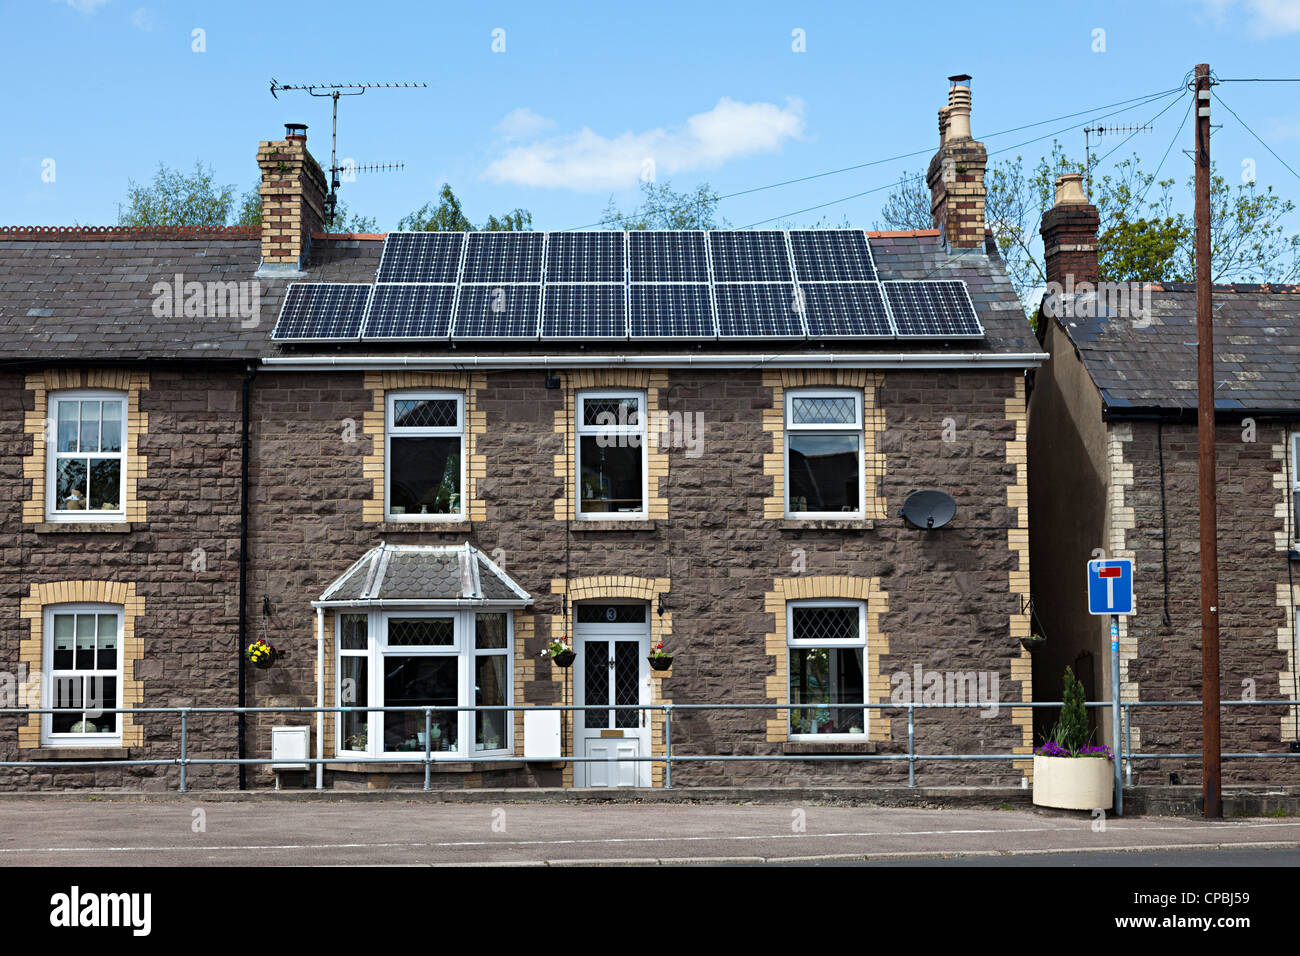 Maison ancienne en pierre en terrasse avec des panneaux solaires sur toit, Llanfoist, Pays de Galles, Royaume-Uni Photo Stock